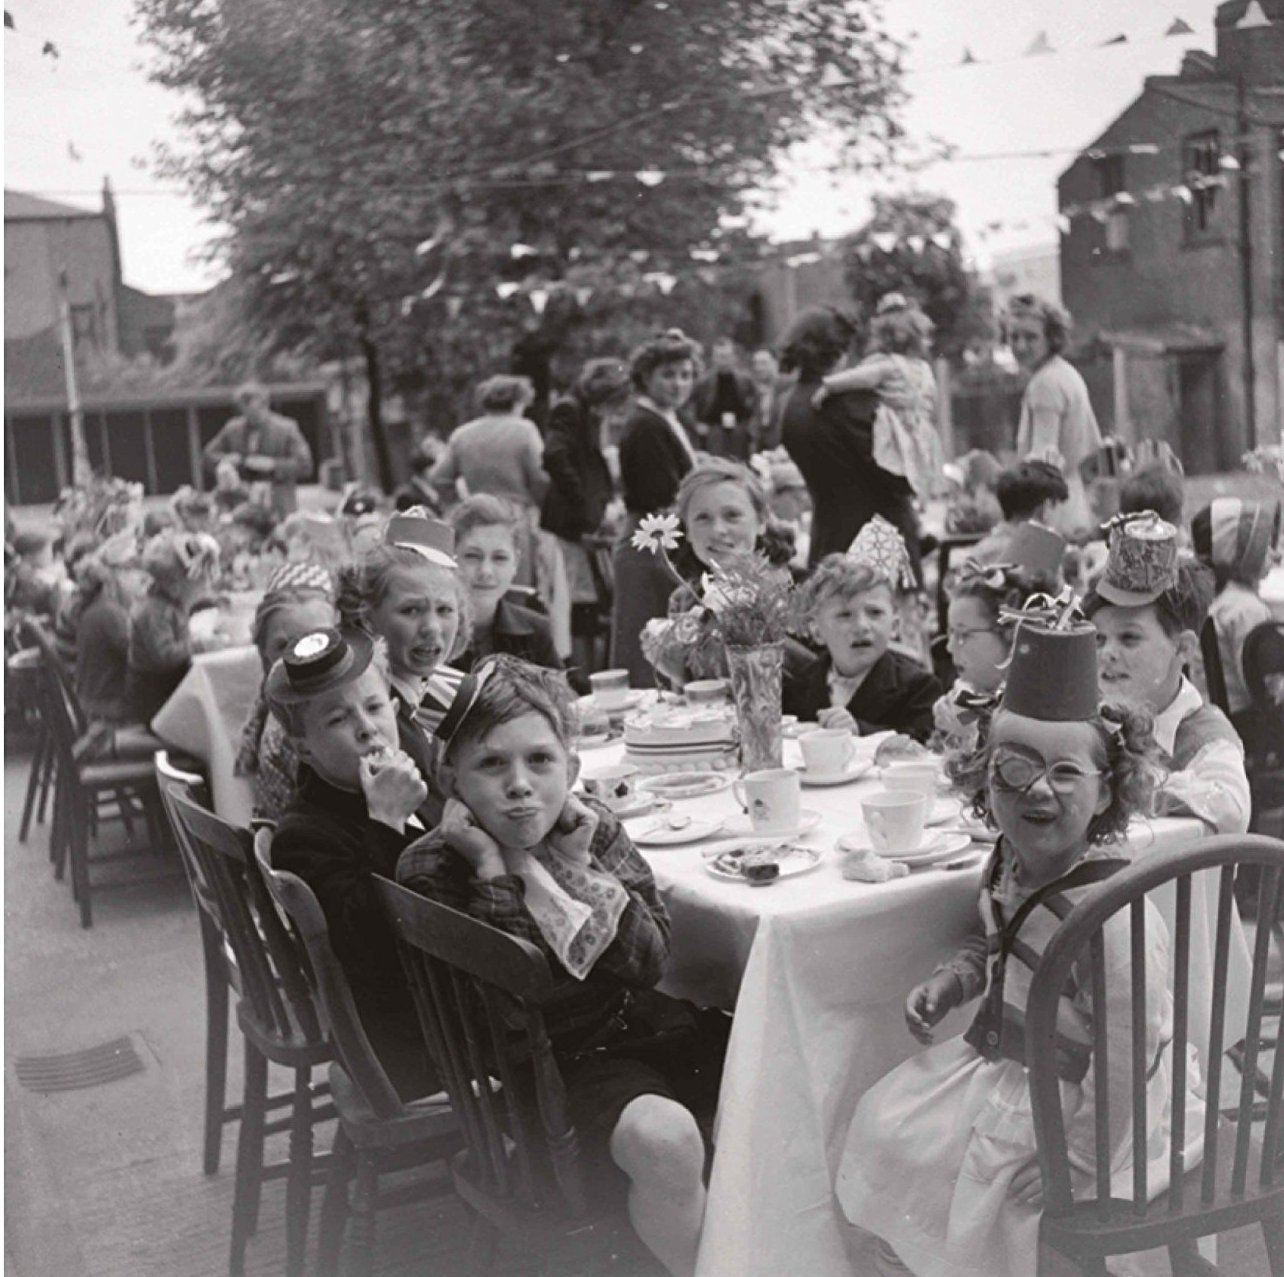 Уличное празднование в честь коронации Елизаветы Второй, Хук-Хауз, Гернон-роуд, Боу, 1953